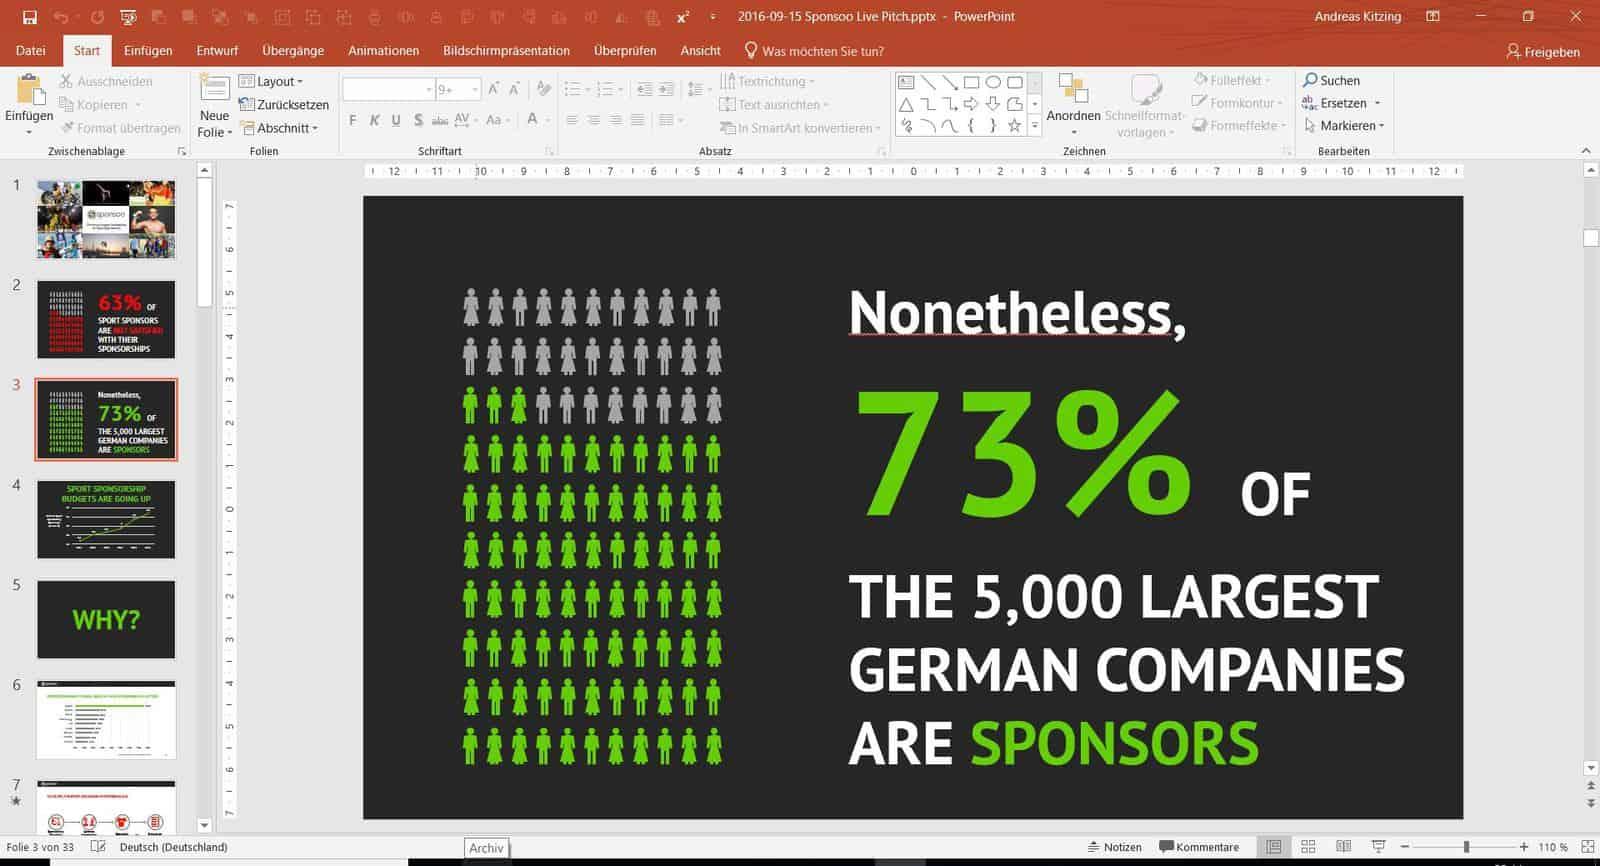 Visualisierung von Statistiken bei Startup-Wettbewerben